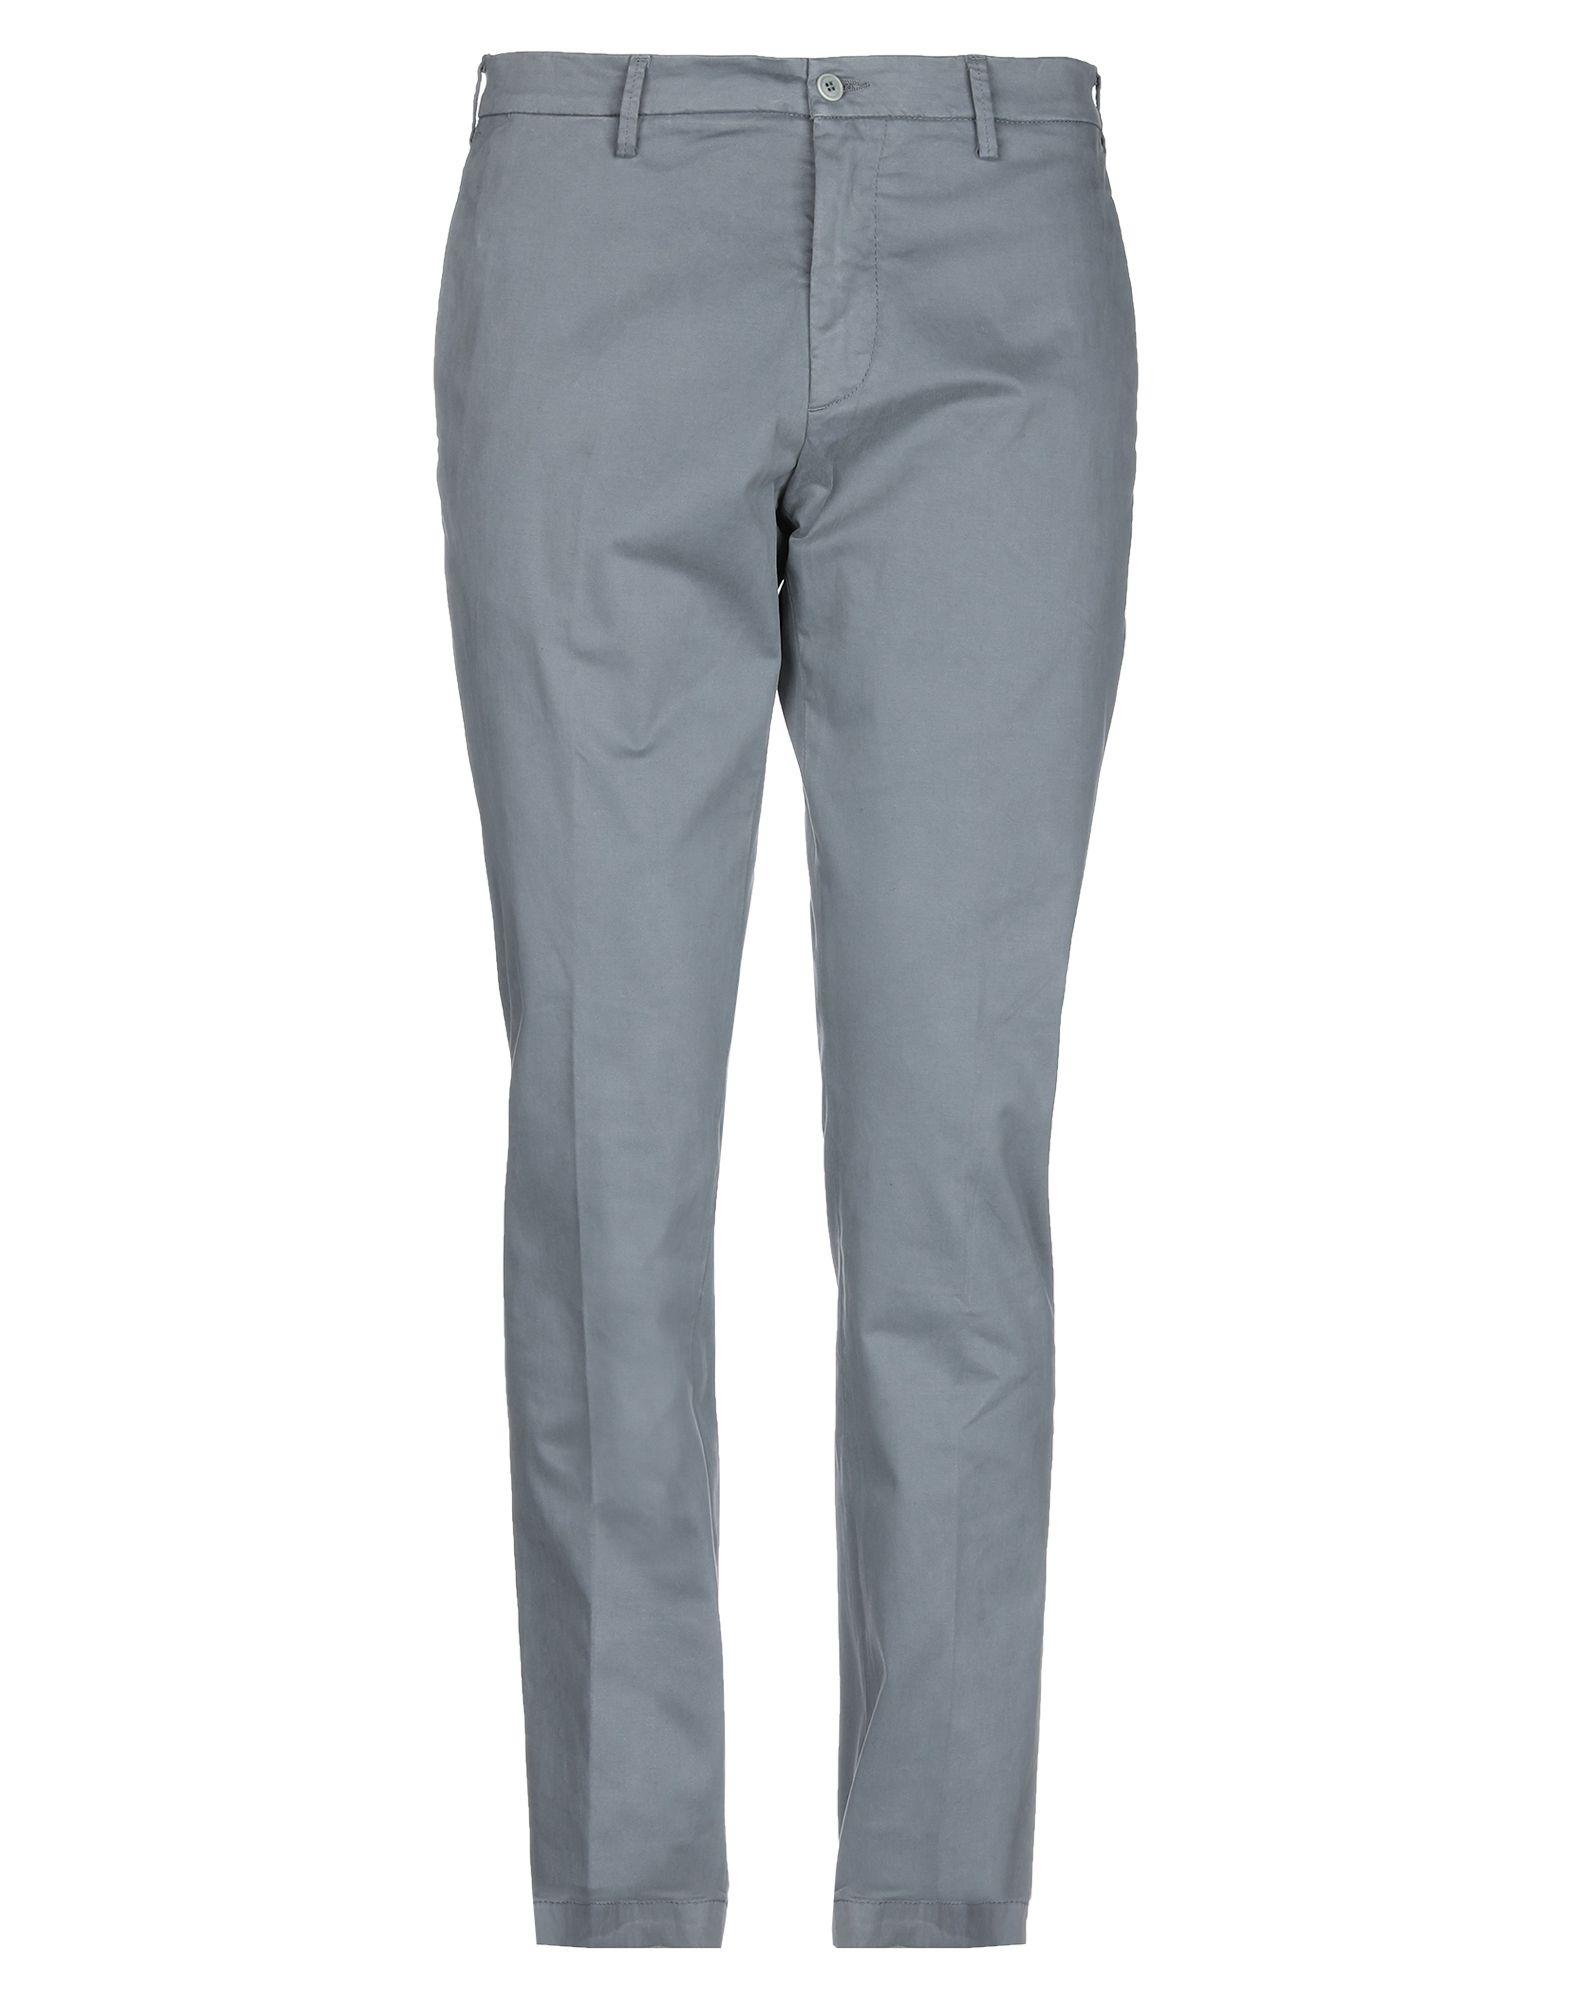 《期間限定セール開催中!》DOUBLE EIGHT メンズ パンツ グレー 52 コットン 97% / ポリウレタン 3%